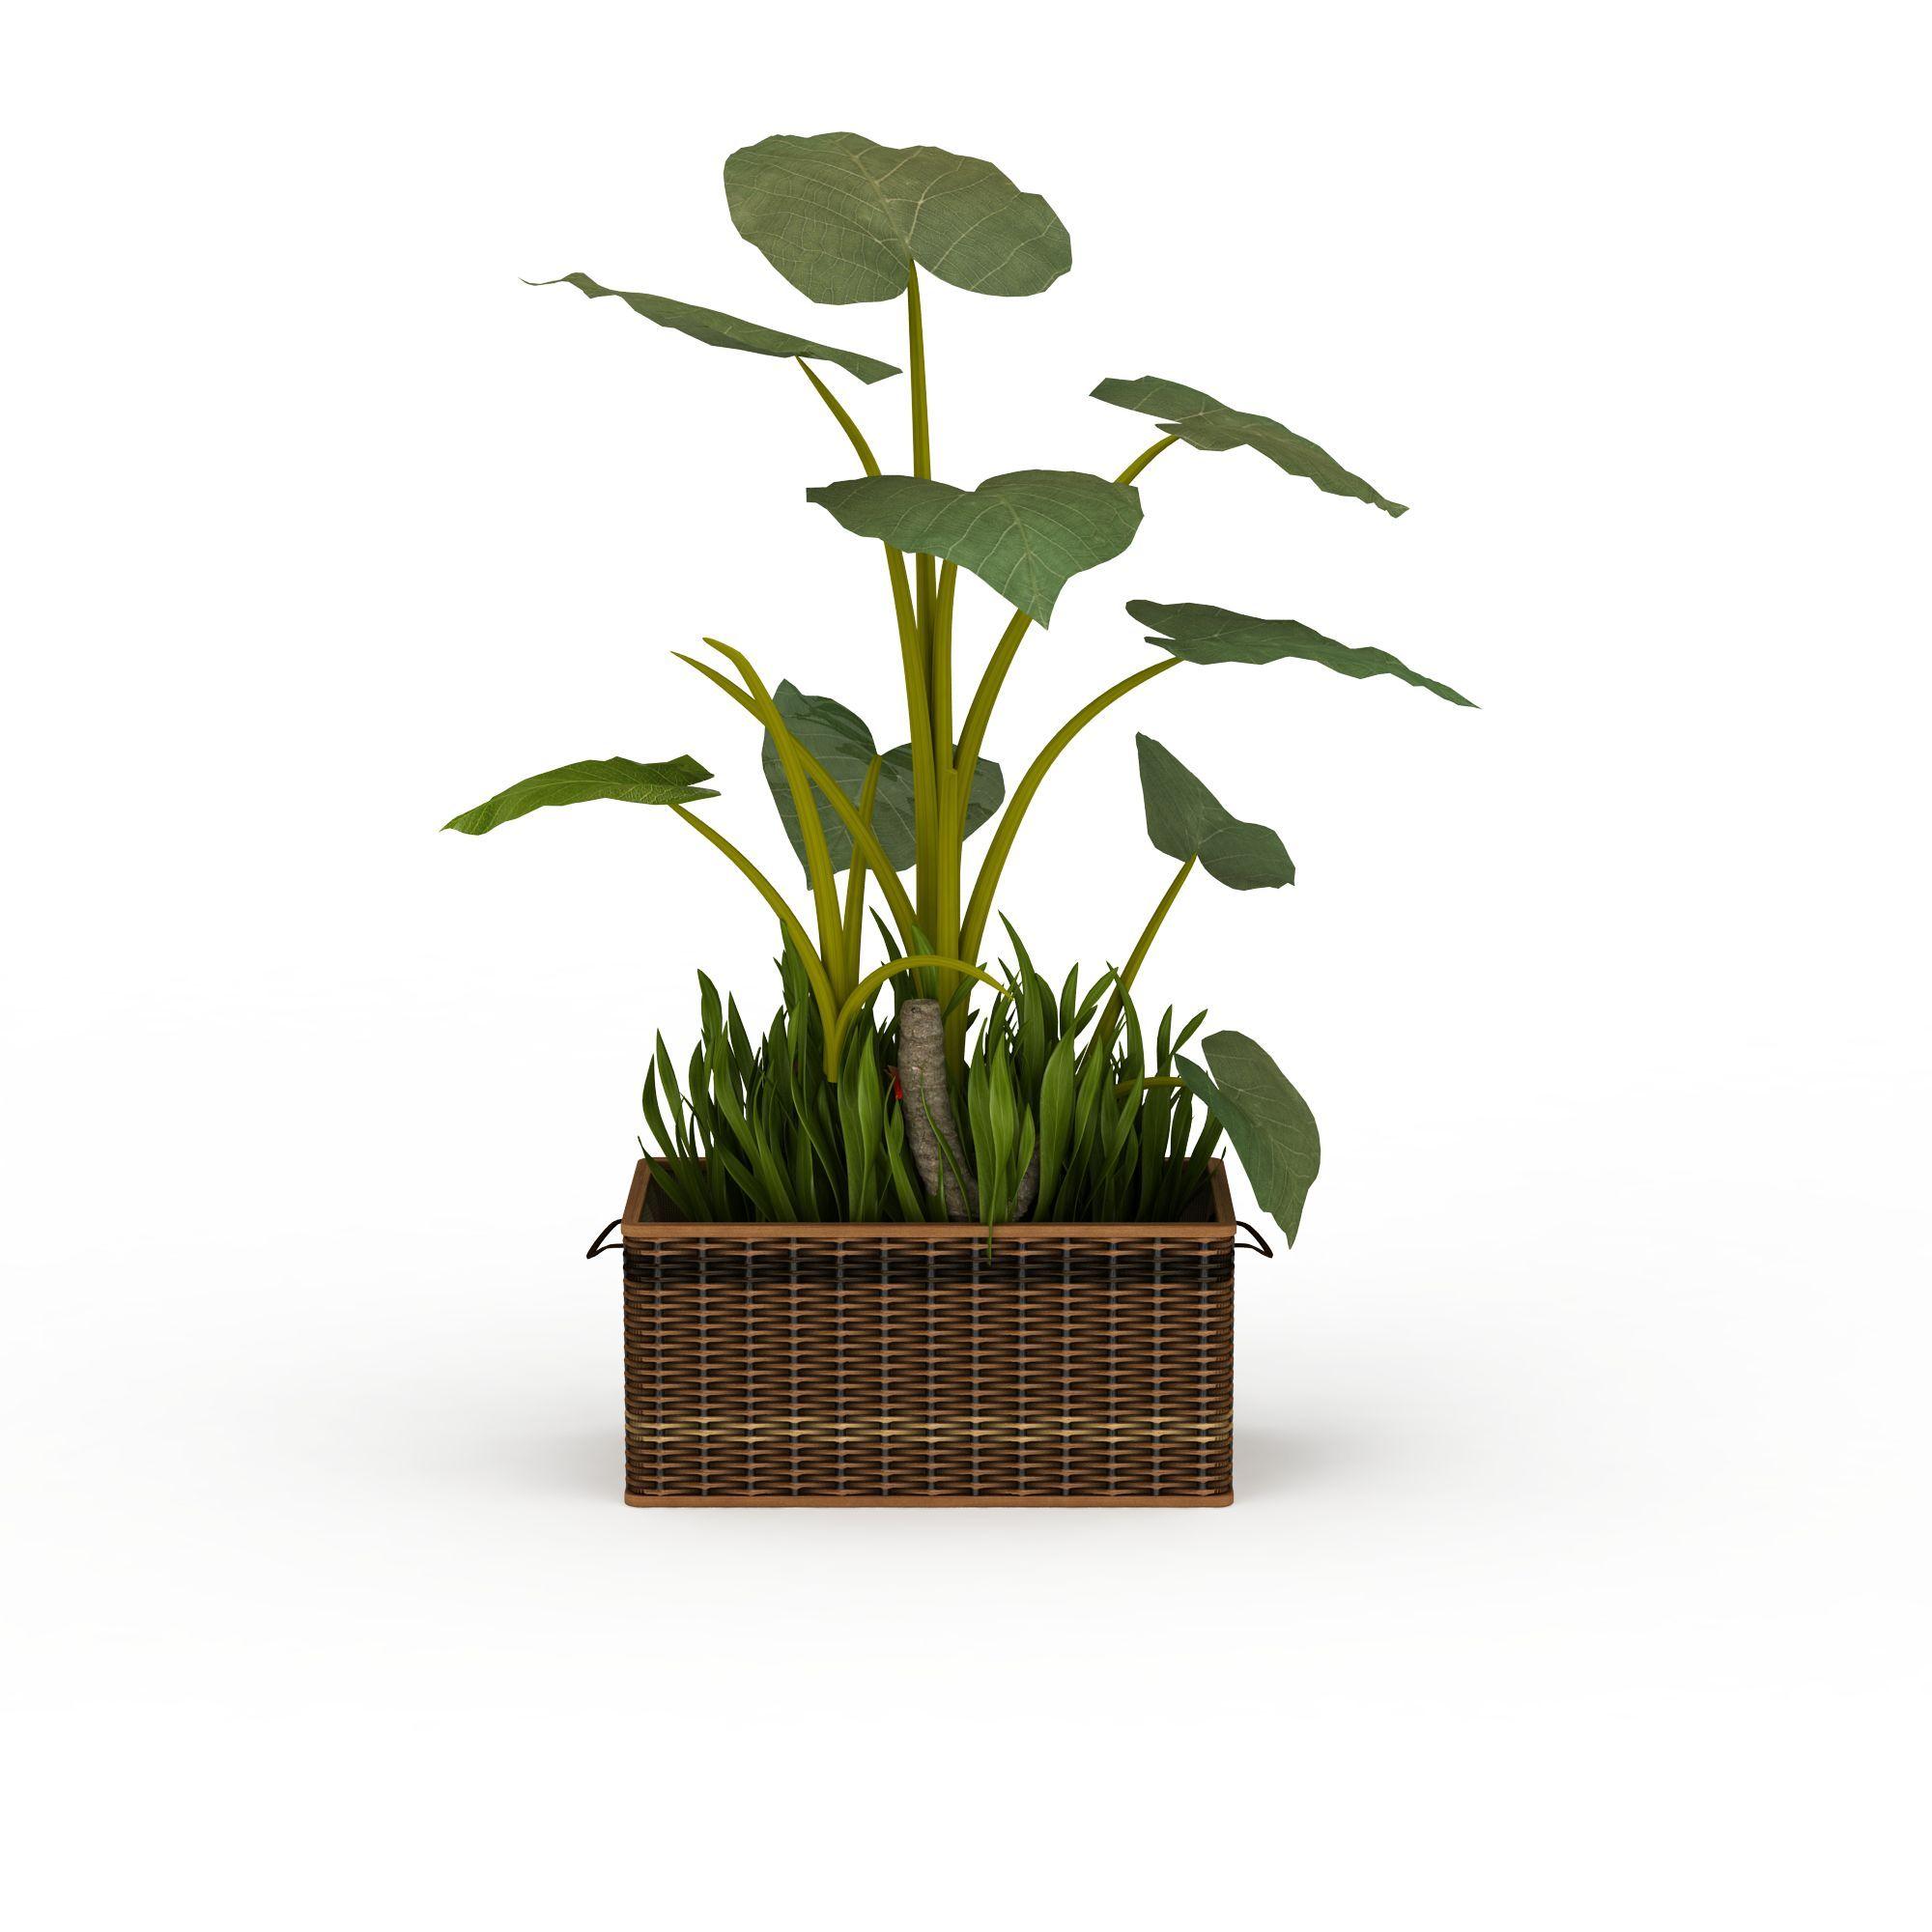 植物 树 室内盆栽3d模型 室内盆栽png高清图